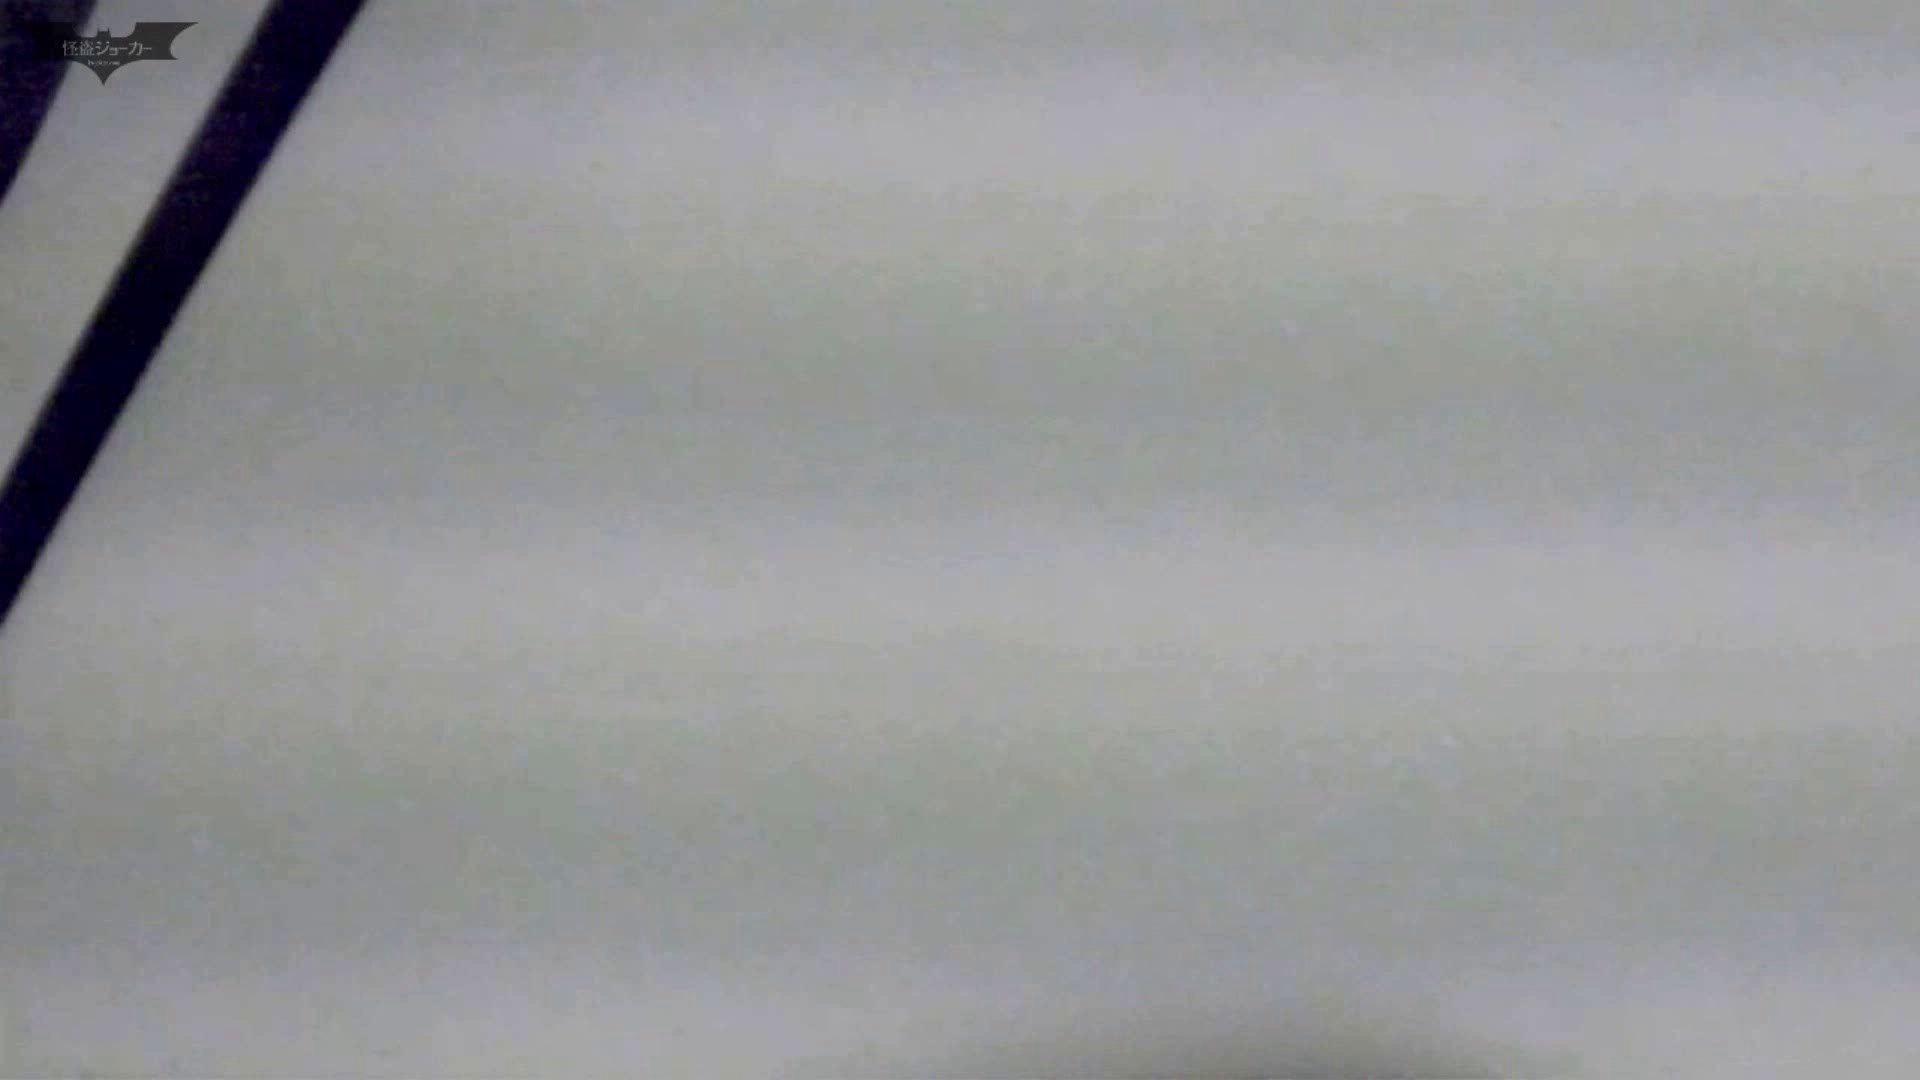 新世界の射窓 No68 洋式の腰の突き出し具合。エッロいです!! 盛合せ   洗面所のぞき  99枚 56